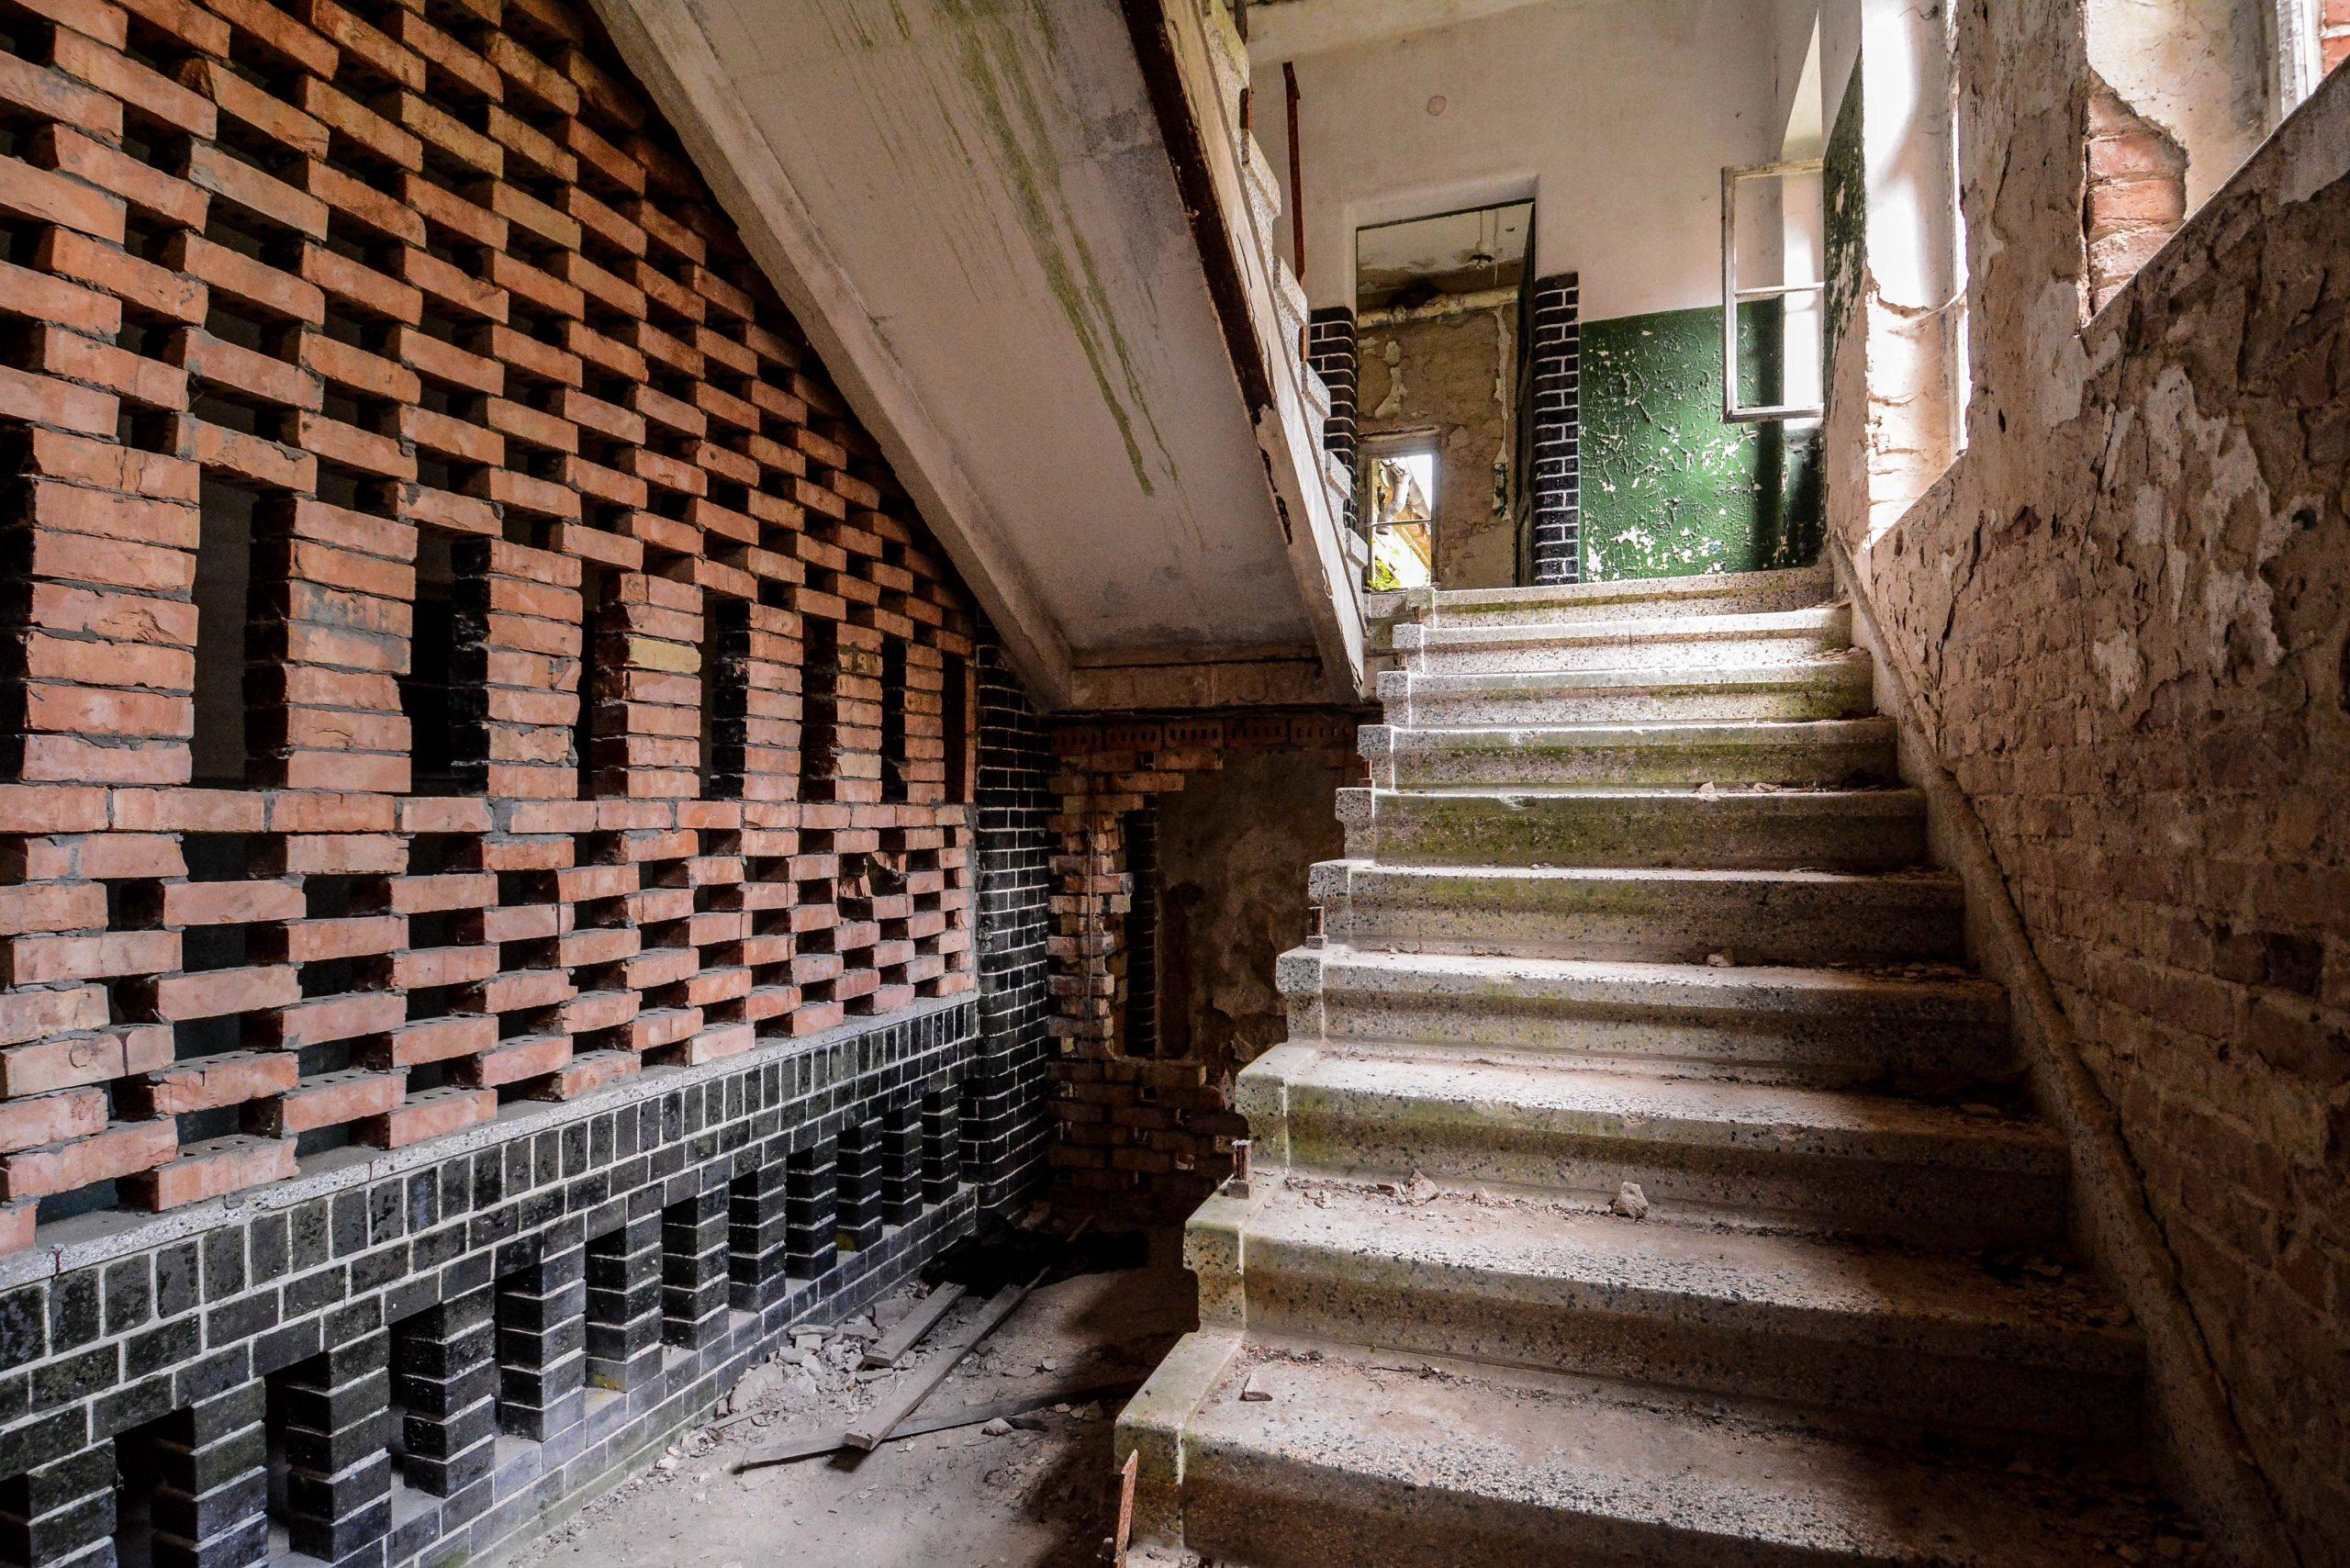 brick staircase tuberkulose heilstaette grabowsee sanatorium hospital oranienburg lost places abandoned urbex brandenburg germany deutschland